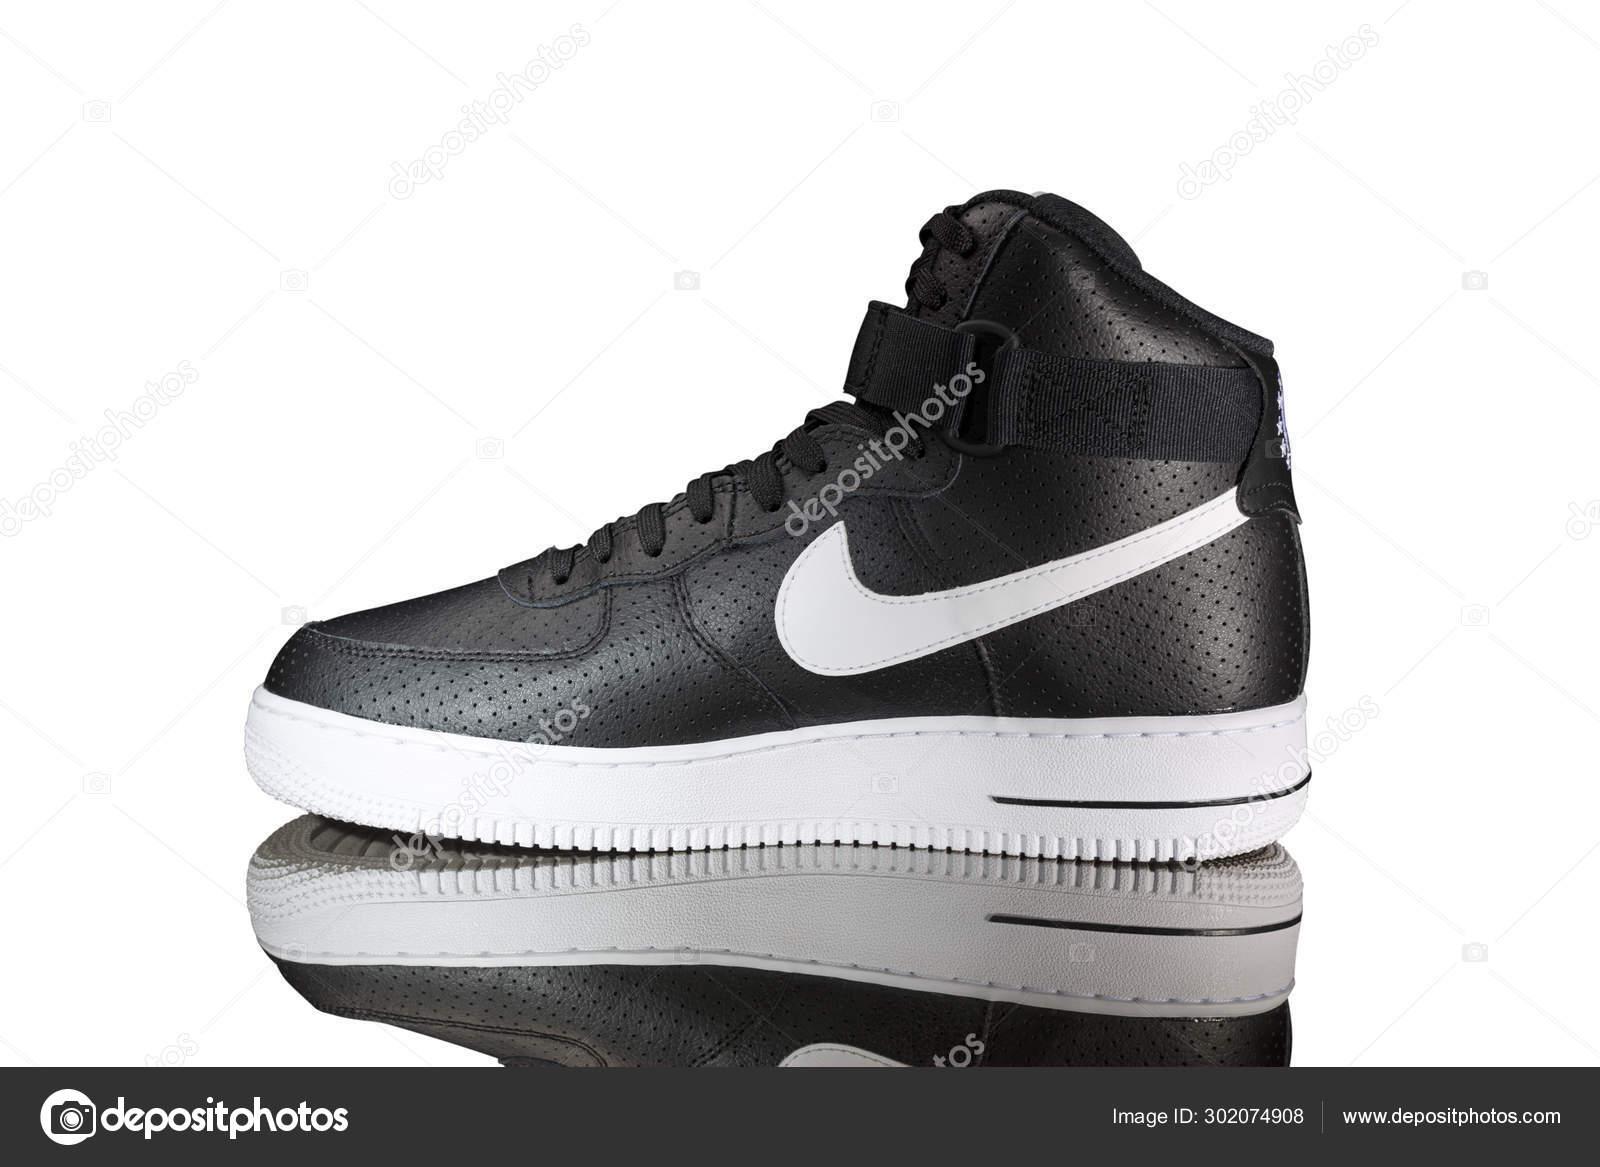 zapatillas nike negras piel